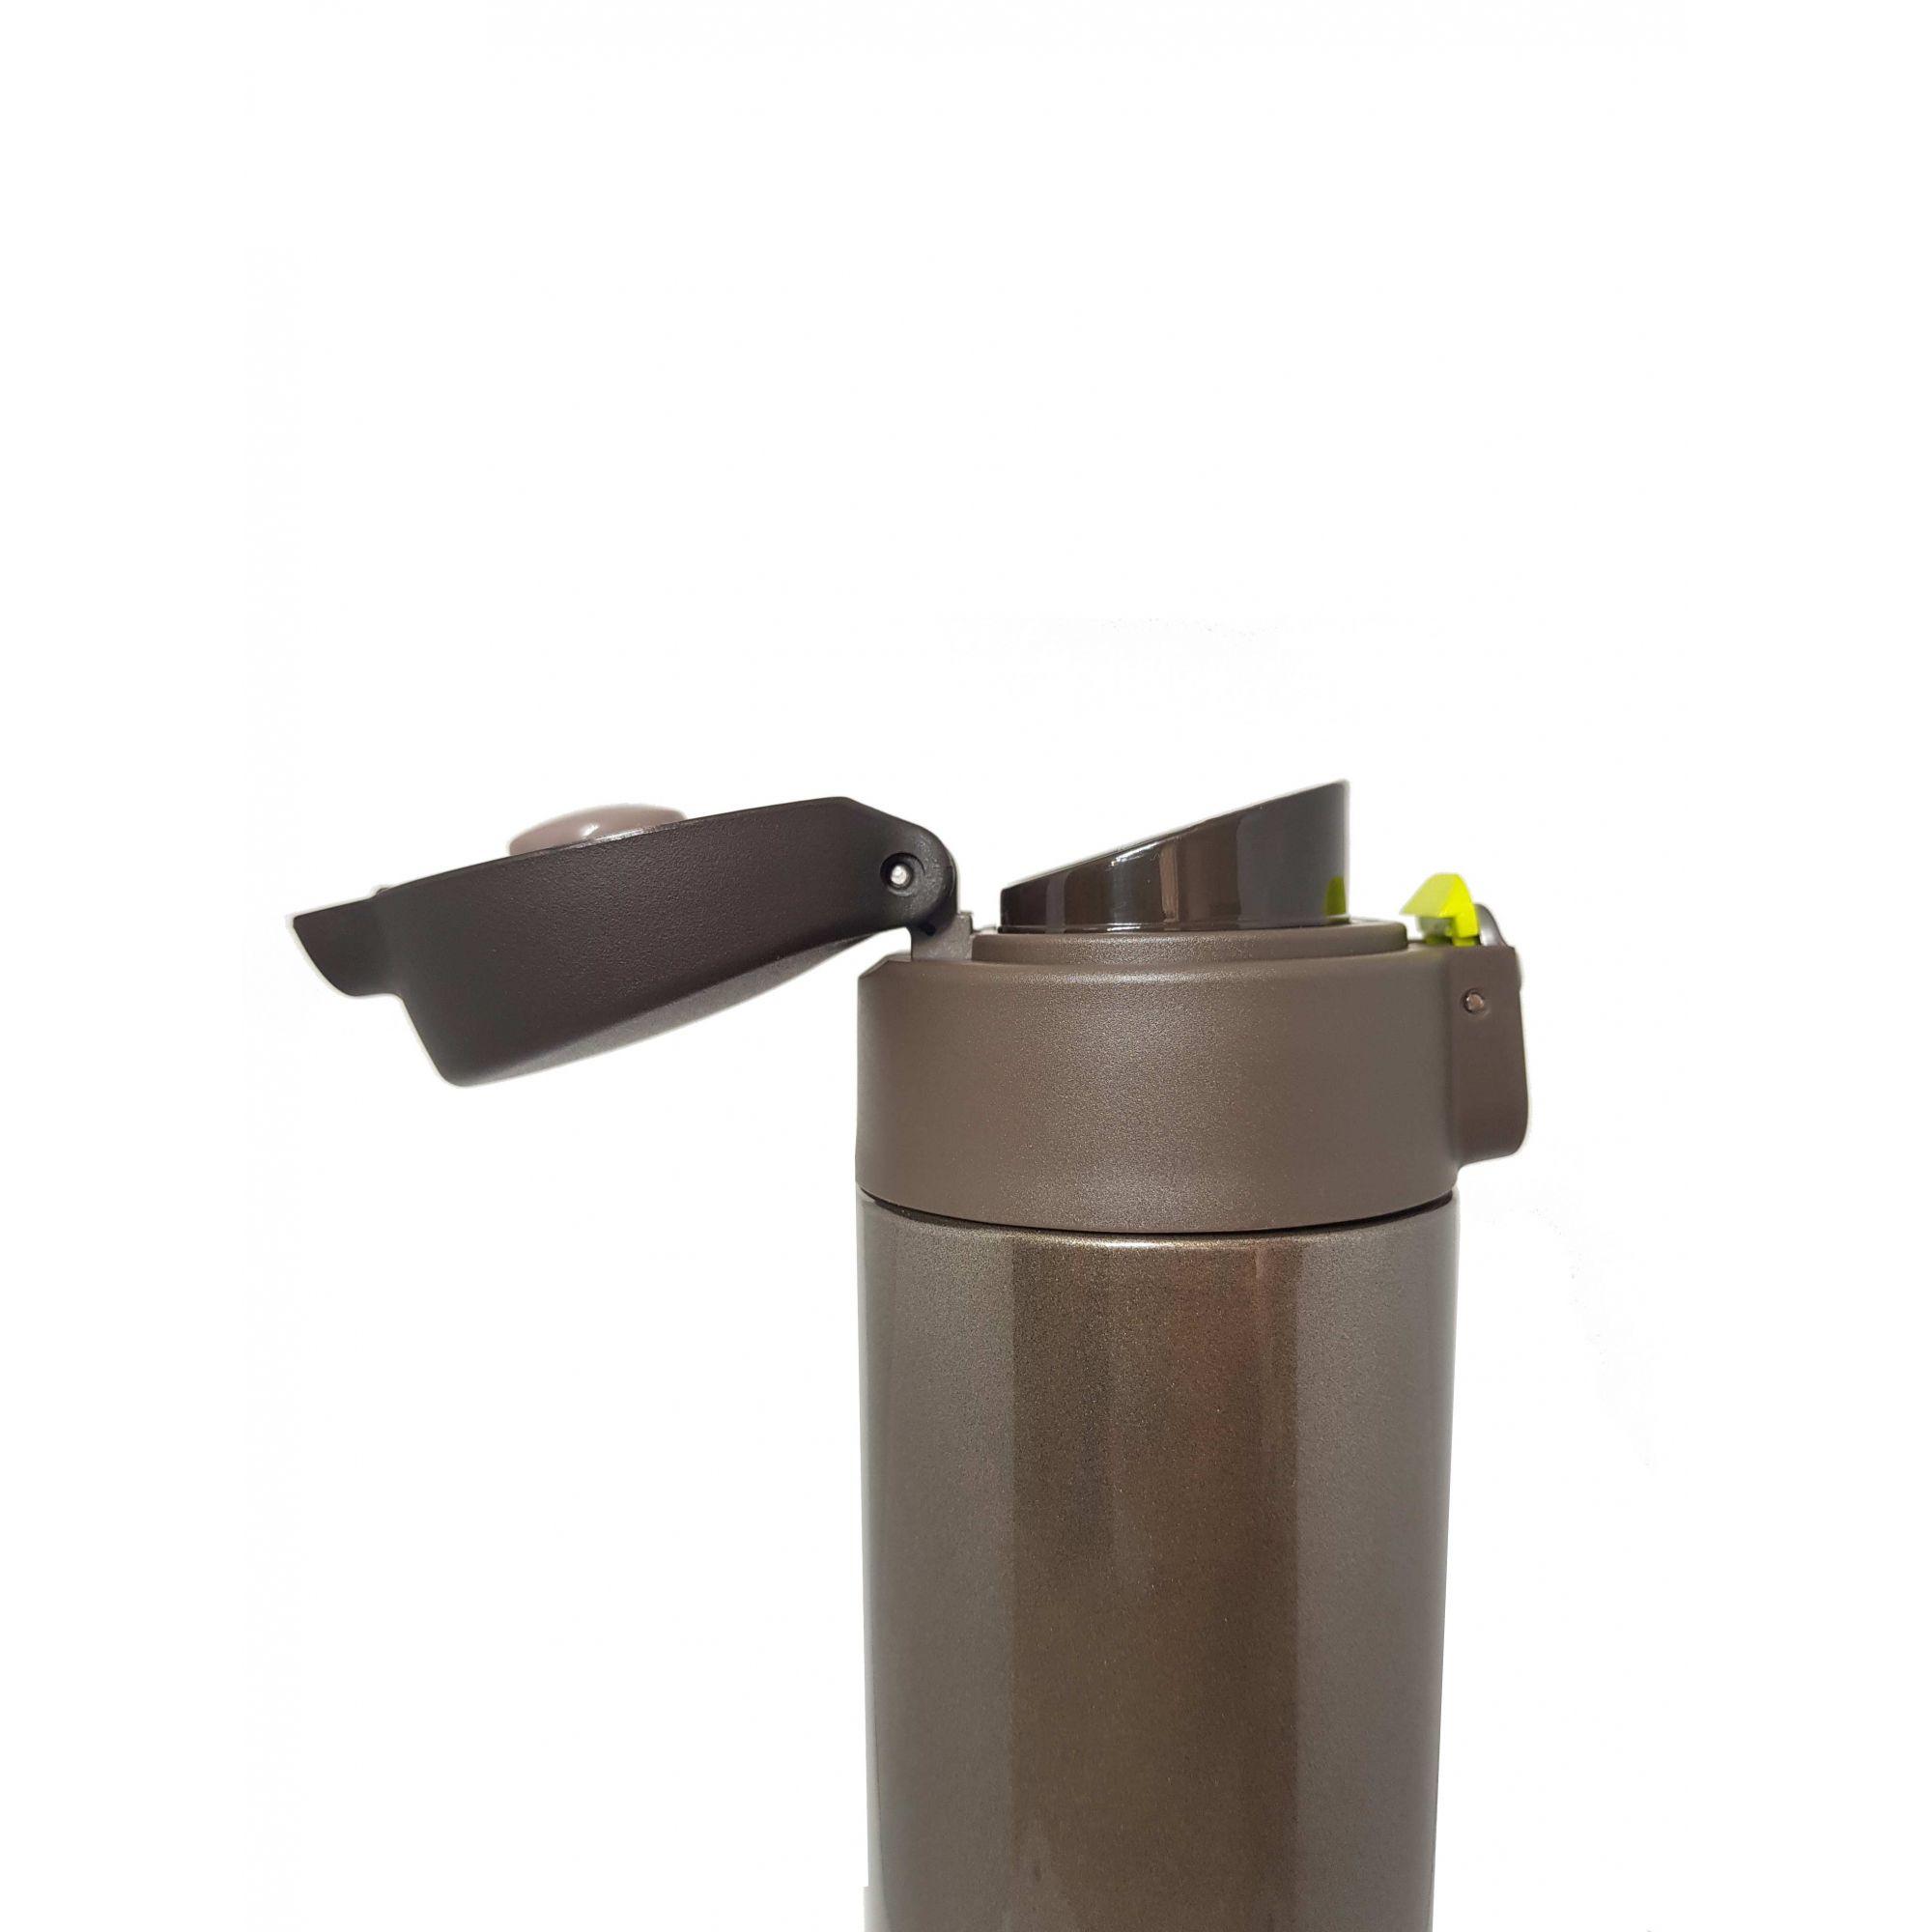 Garrafa Térmica de Inox - 500ml Marrom